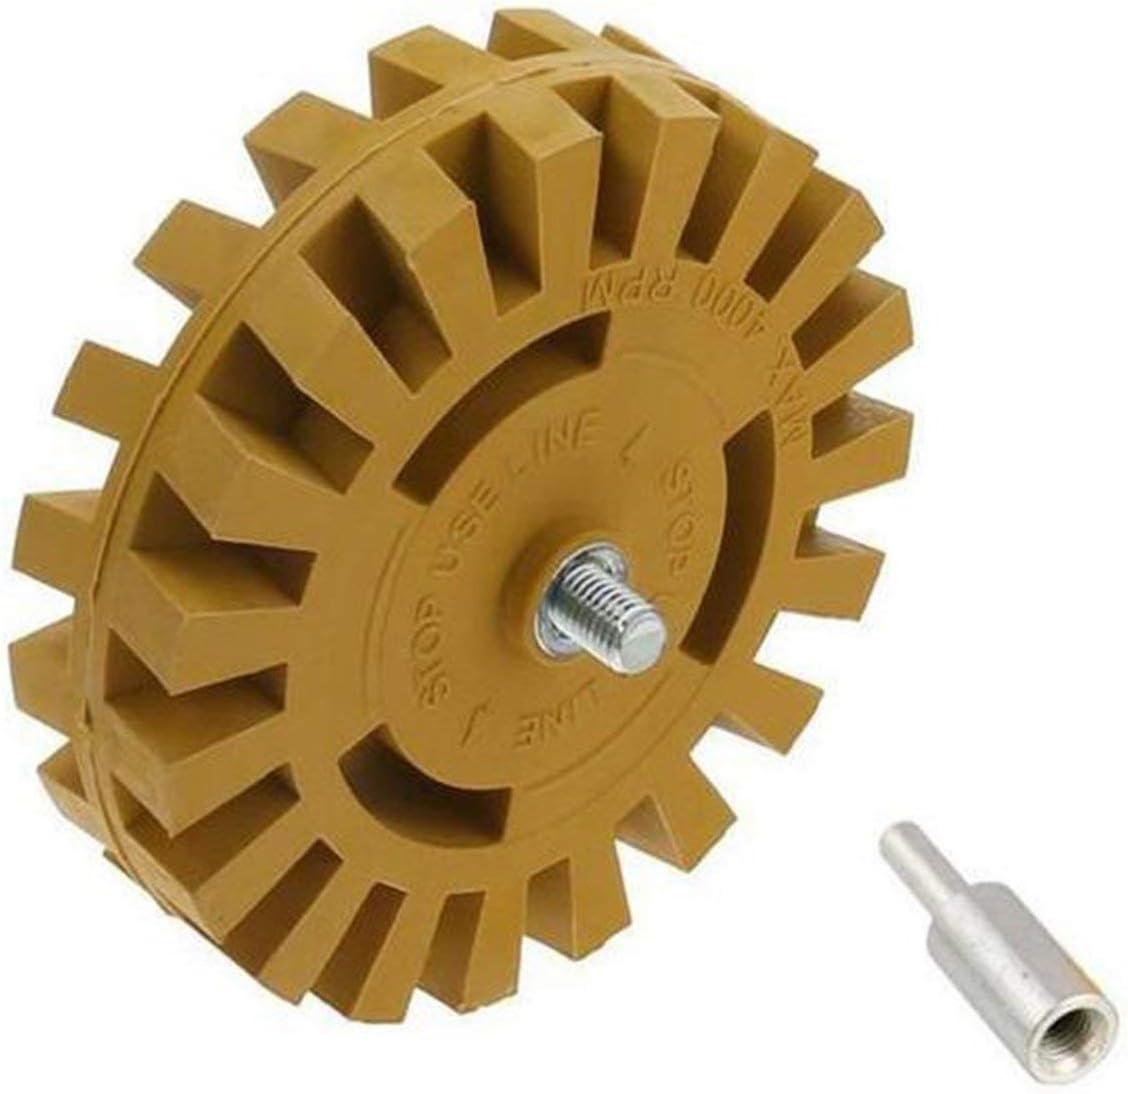 Dailyinshop/® 4 pouces disque de d/égommage pneumatique /à la roue en caoutchouc d/égommage de la meule en caoutchouc de roue de voiture de polissage de roue